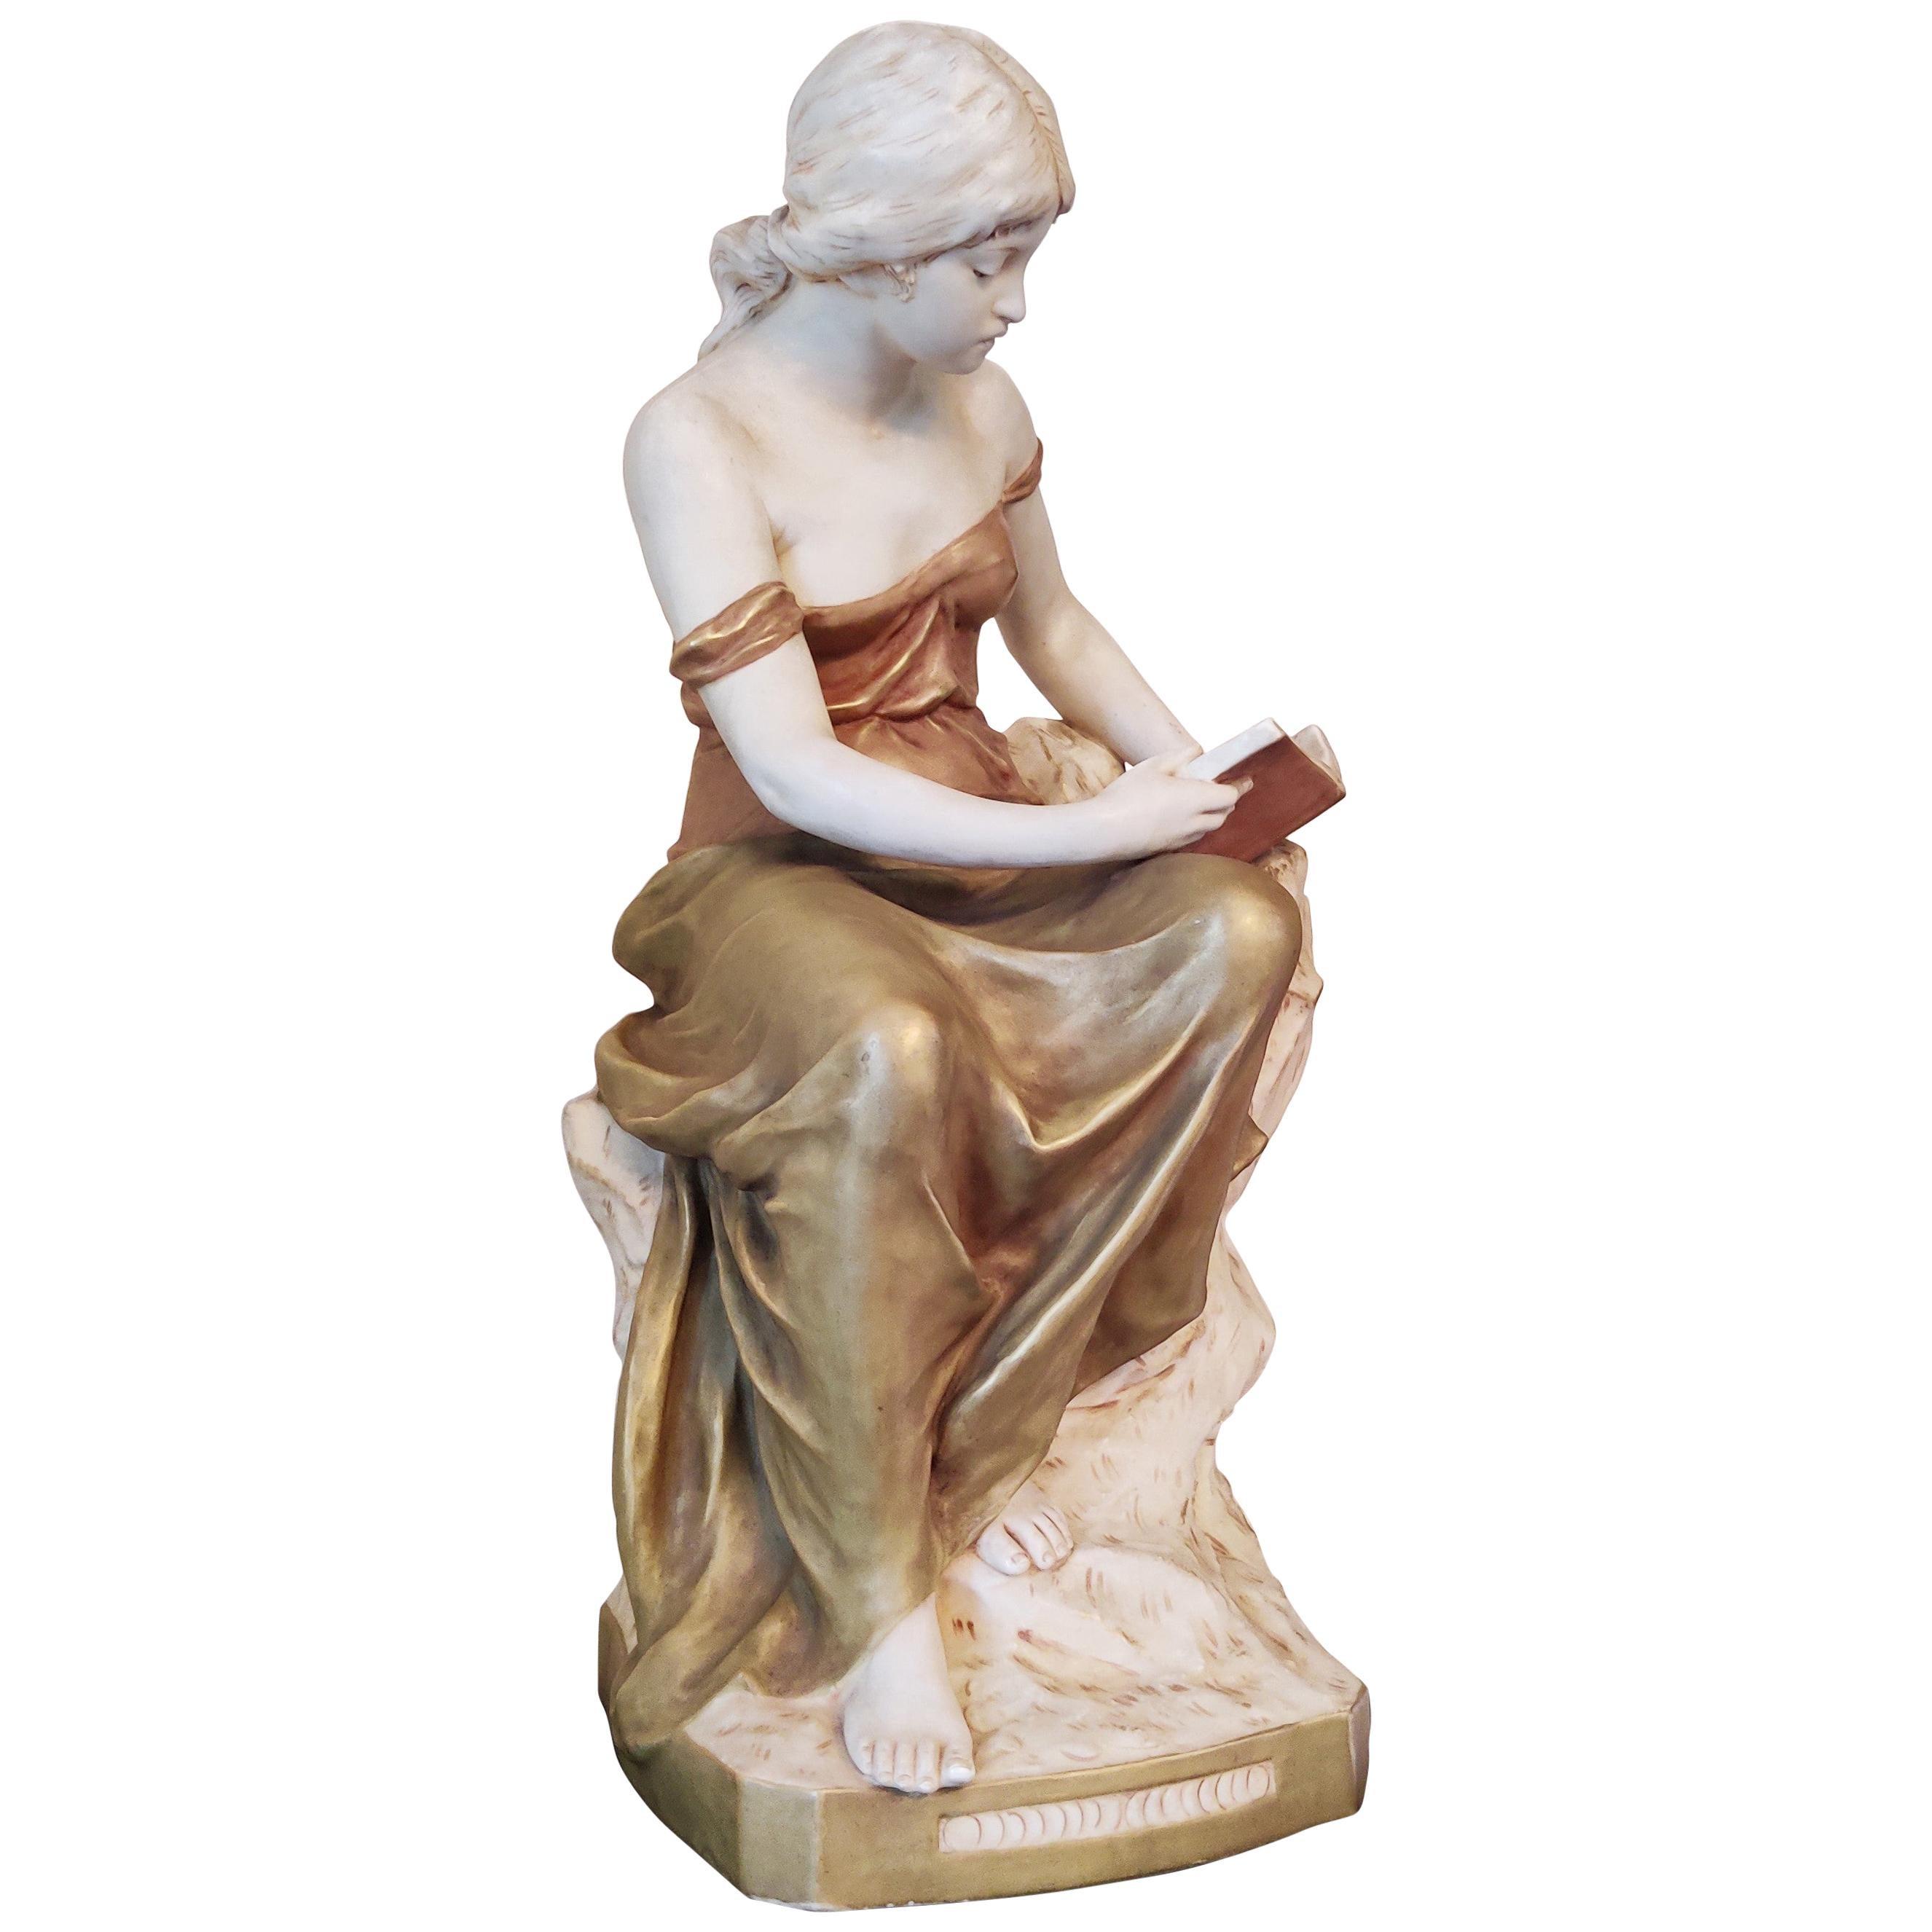 Royal Dux Bohemia Large Porcelain Sculpture, 1900s